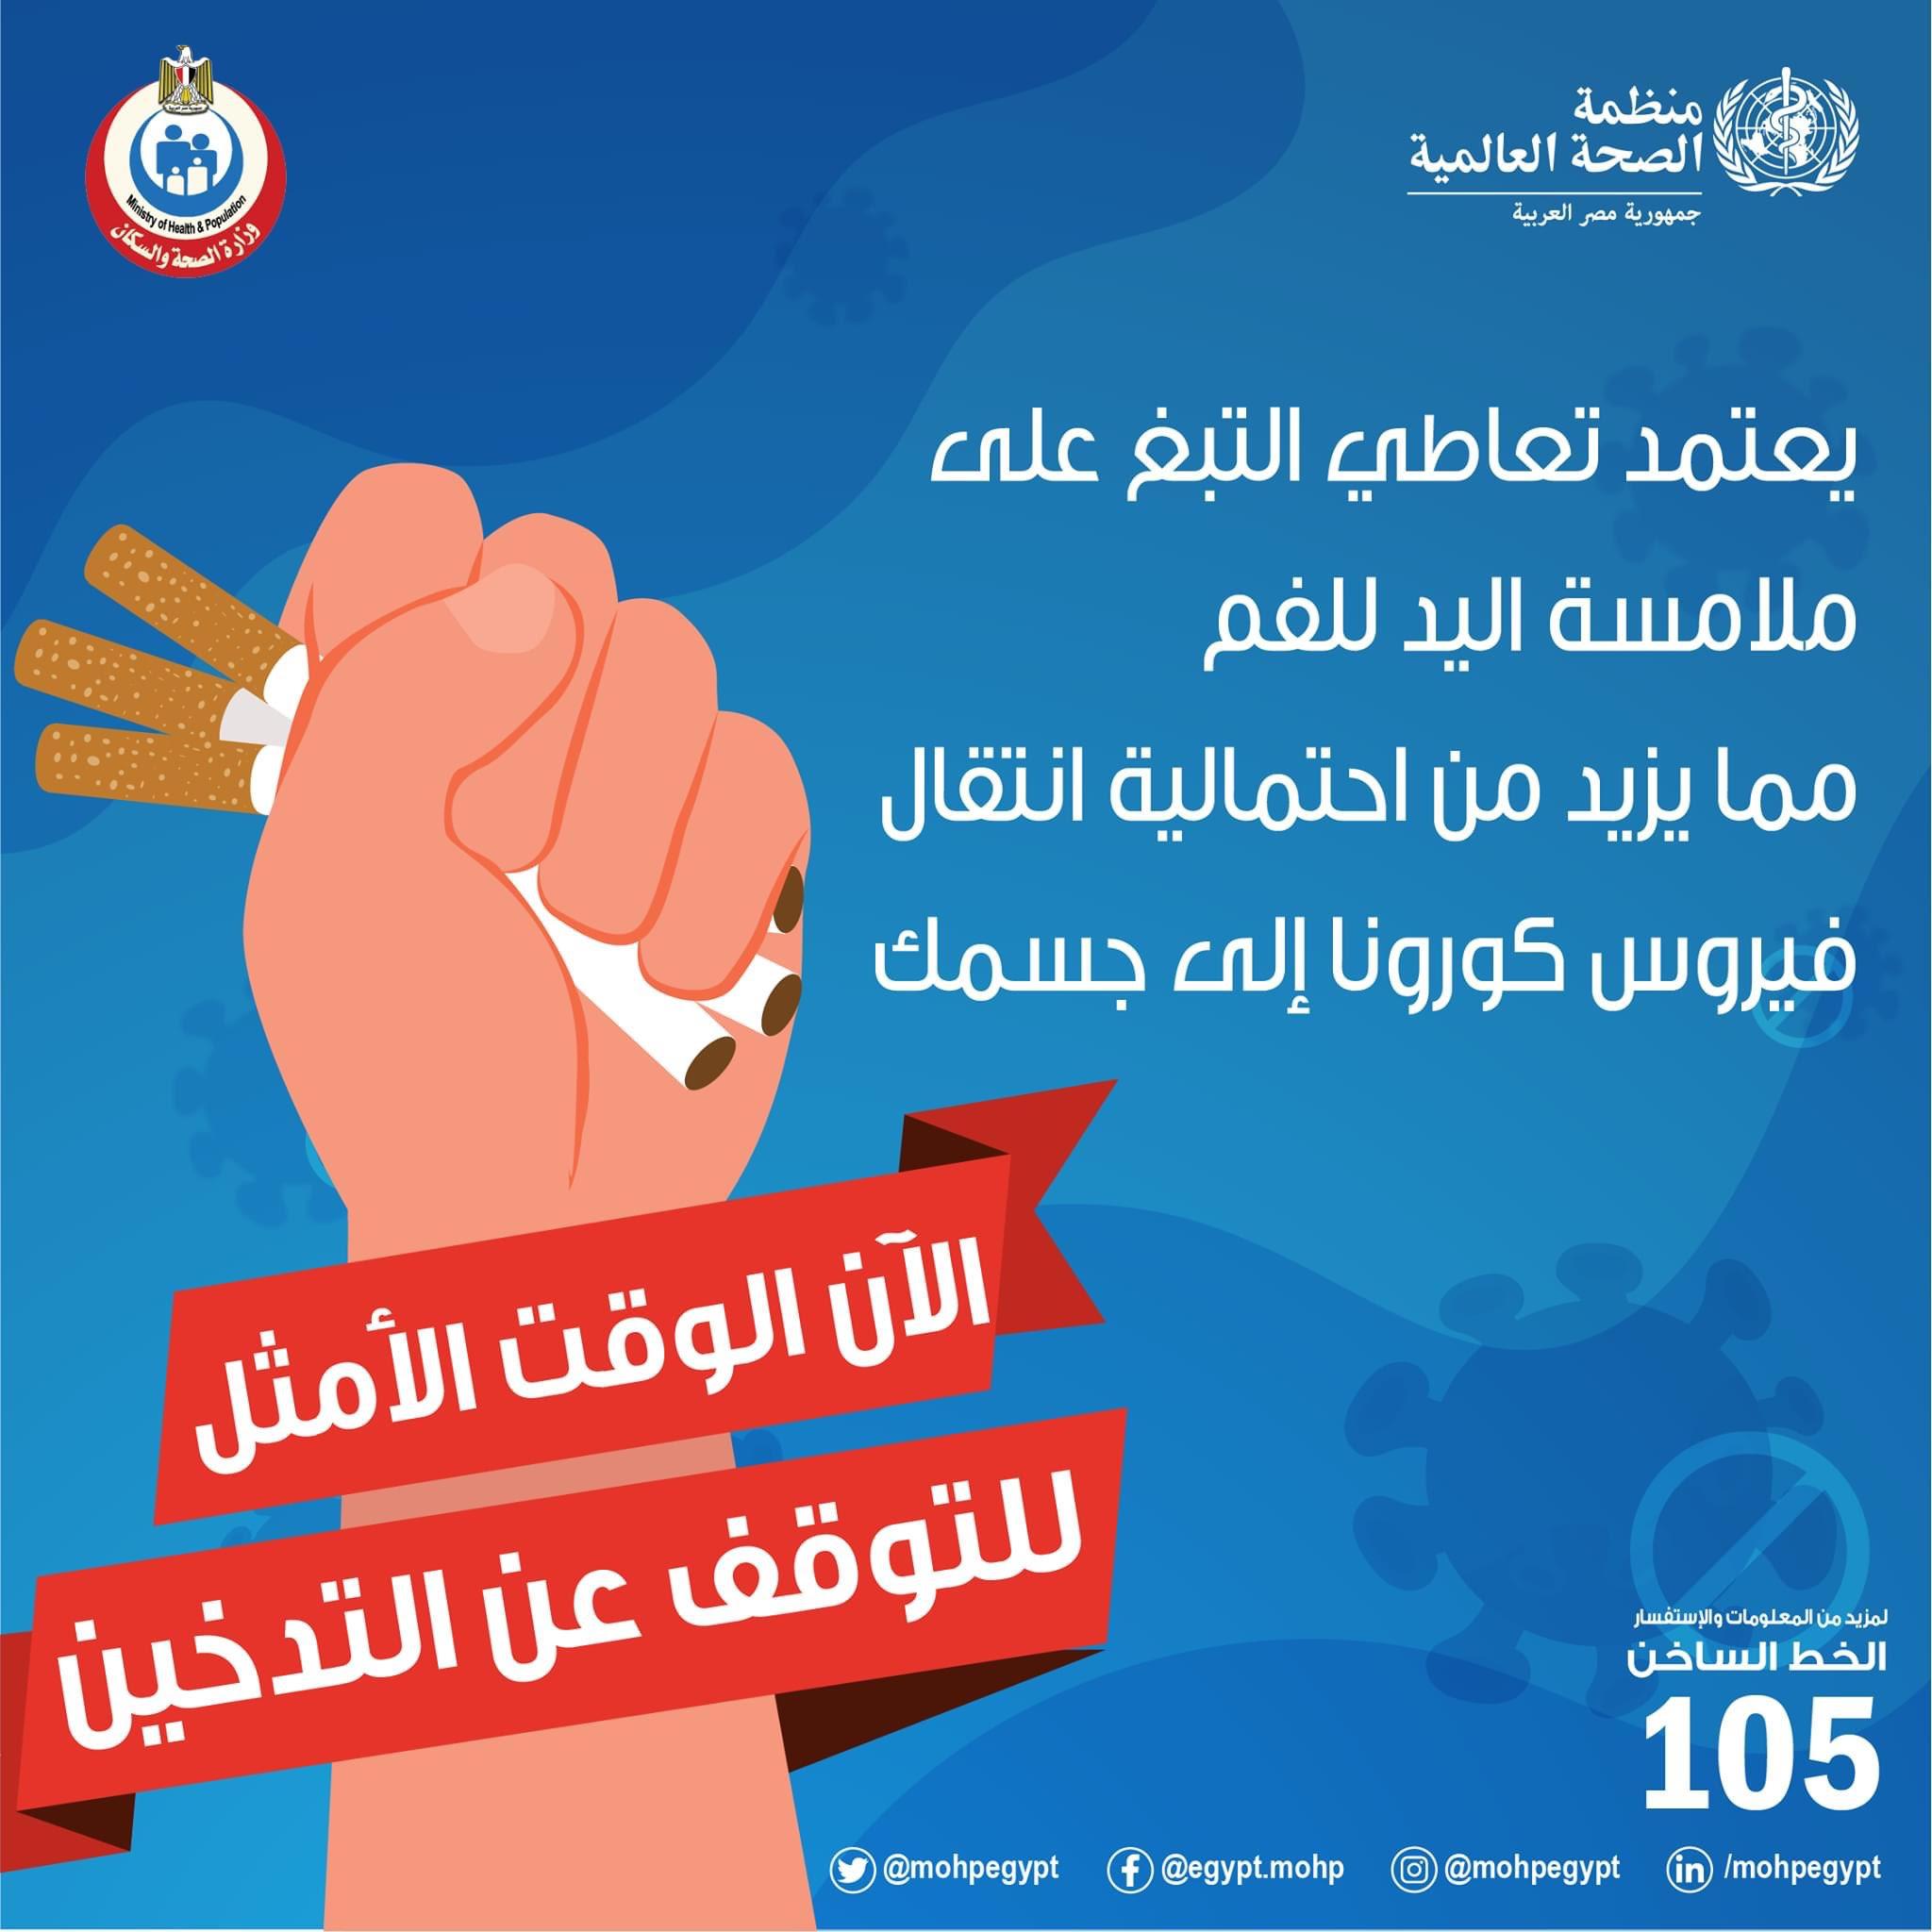 ملامسة اليد للفم اثناء التدخين يزيد من احتمالية الاصابة بكورونا